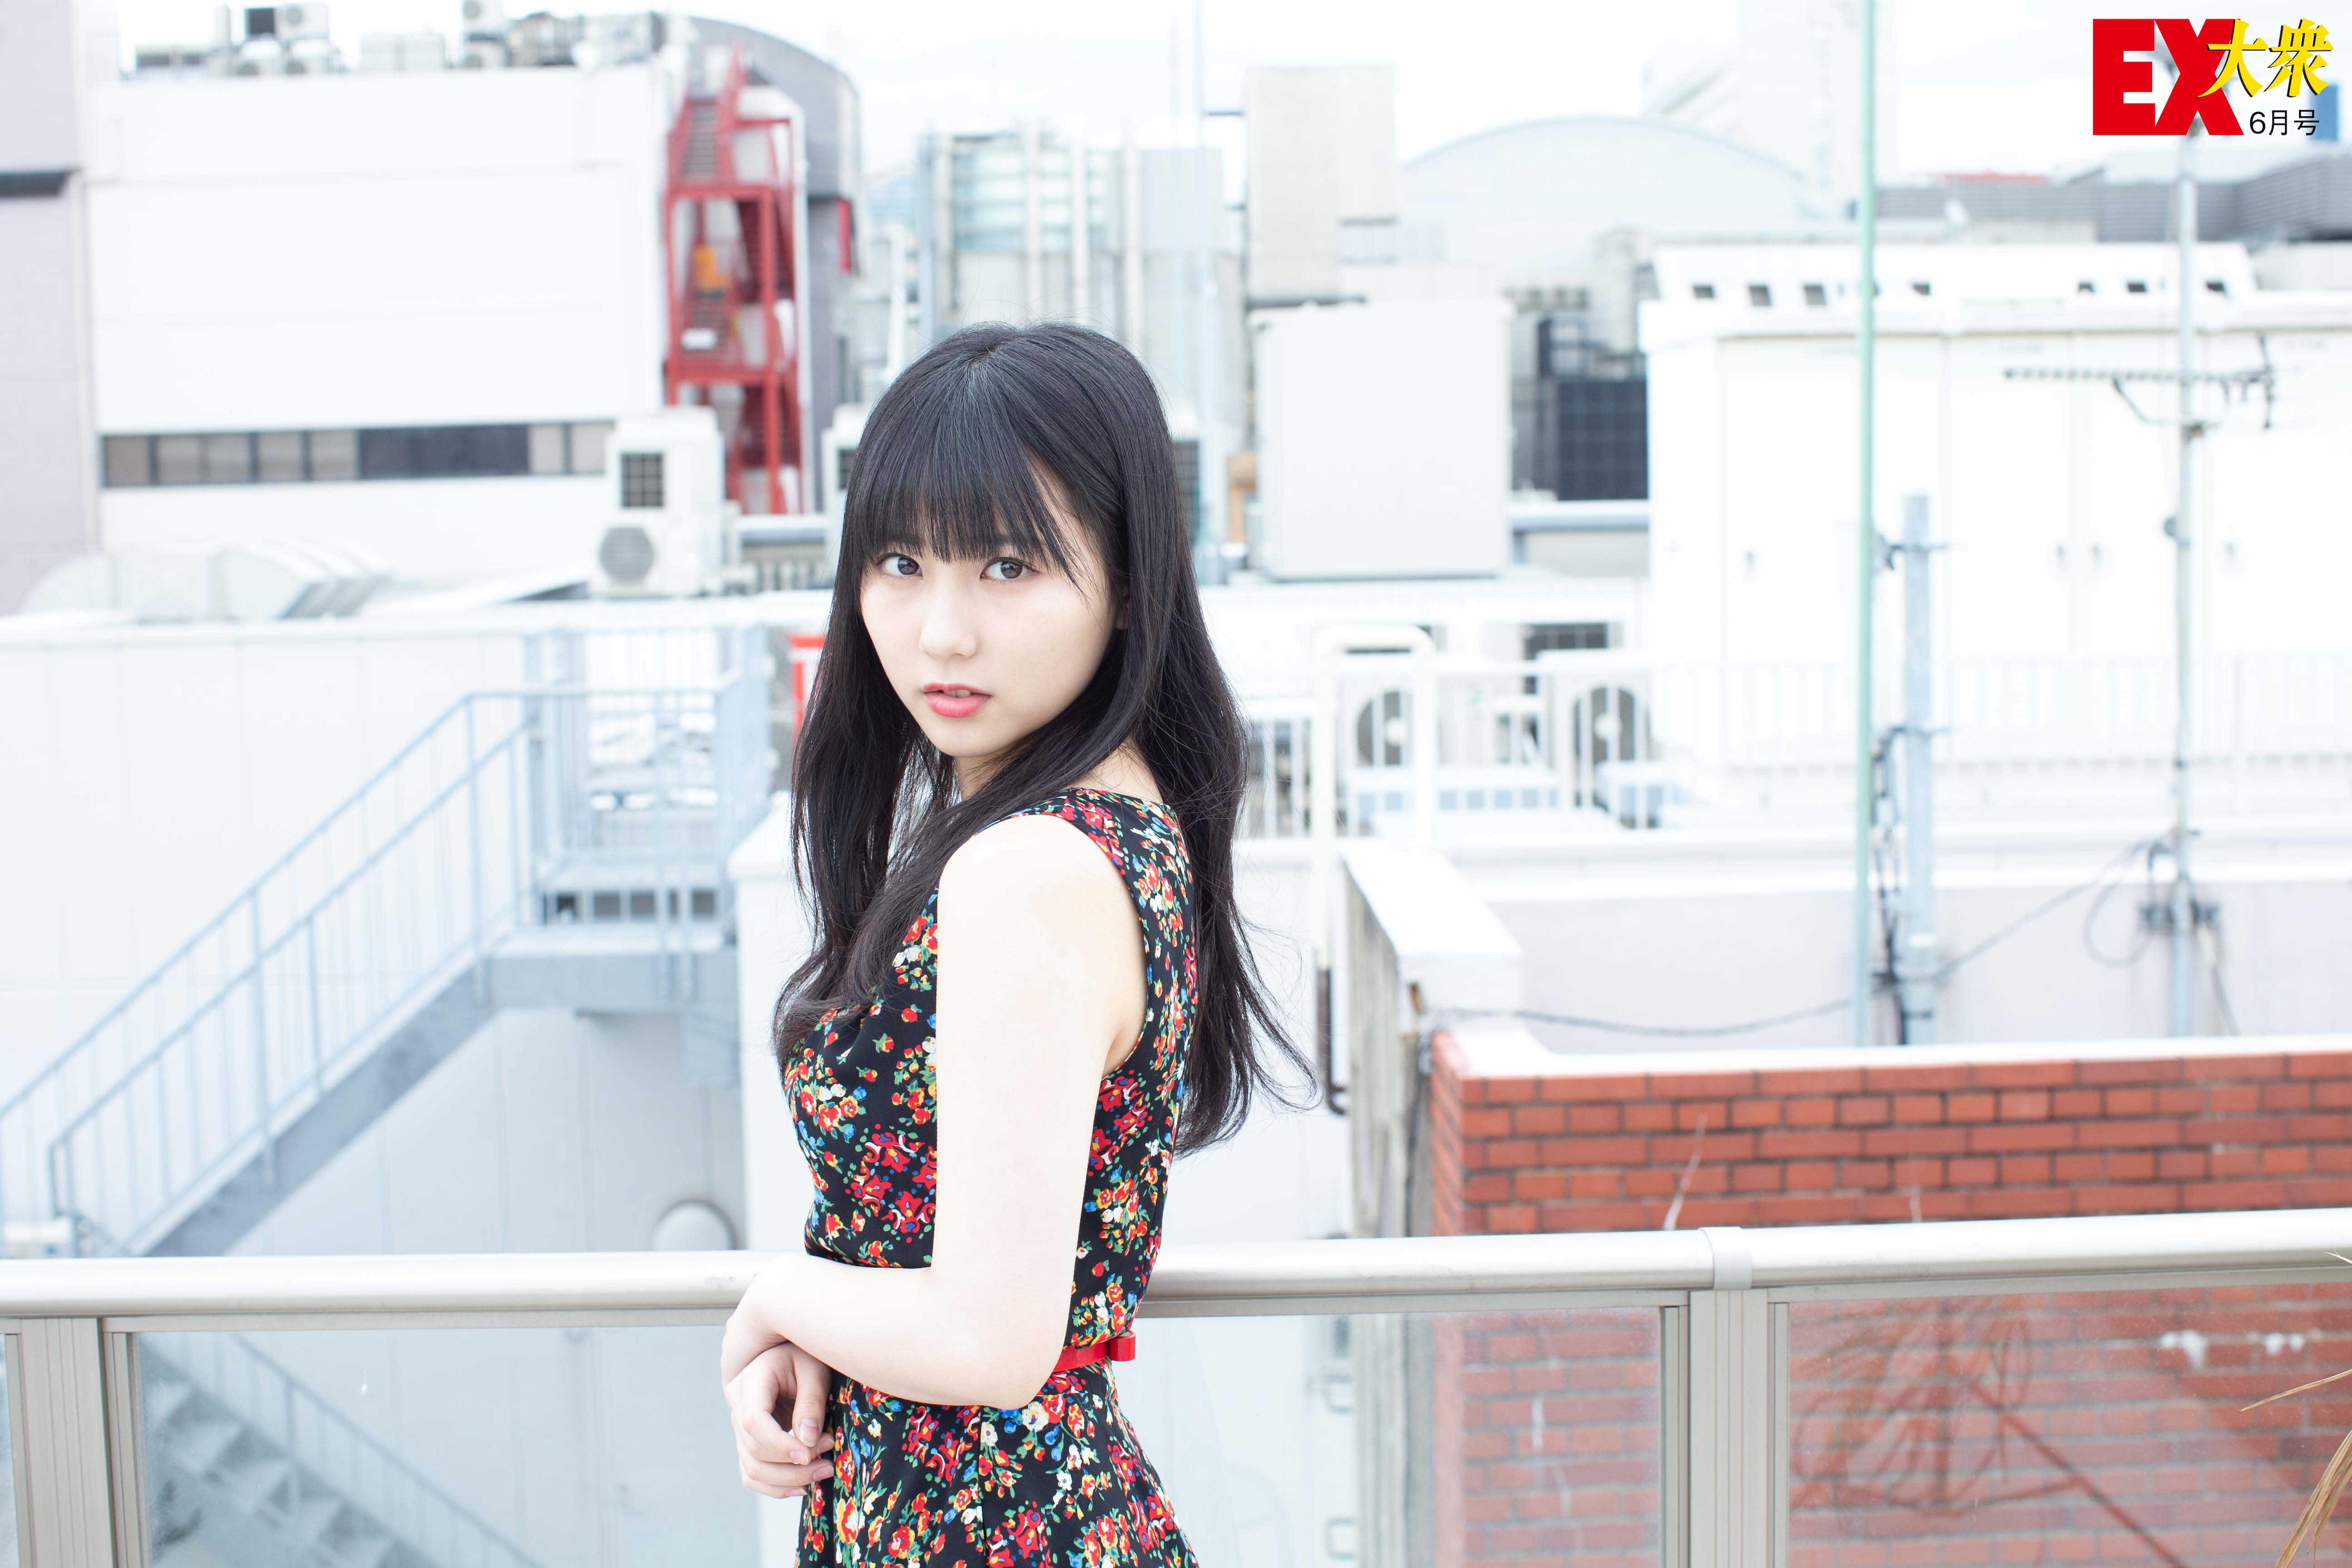 HKT48田中美久の本誌未掲載カット8枚を大公開!【EX大衆6月号】の画像006